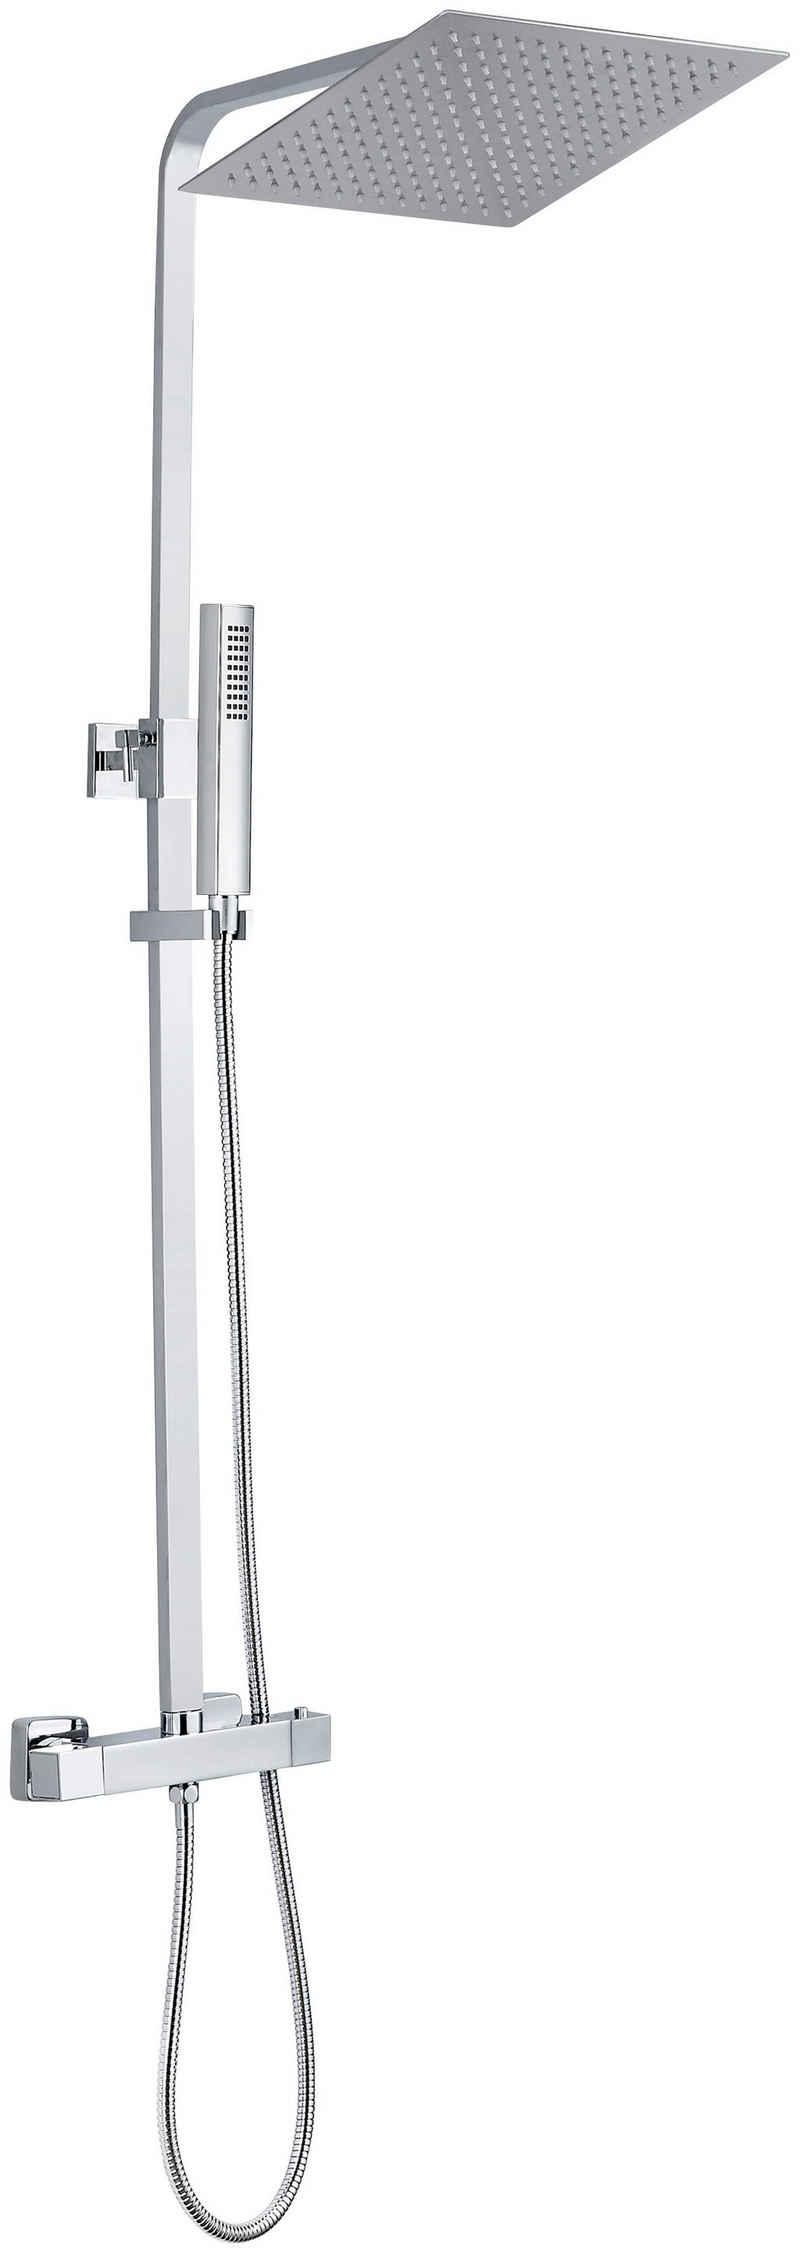 Schütte Brausegarnitur »Felix 2«, Höhe 115 cm, Breite: 30 cm